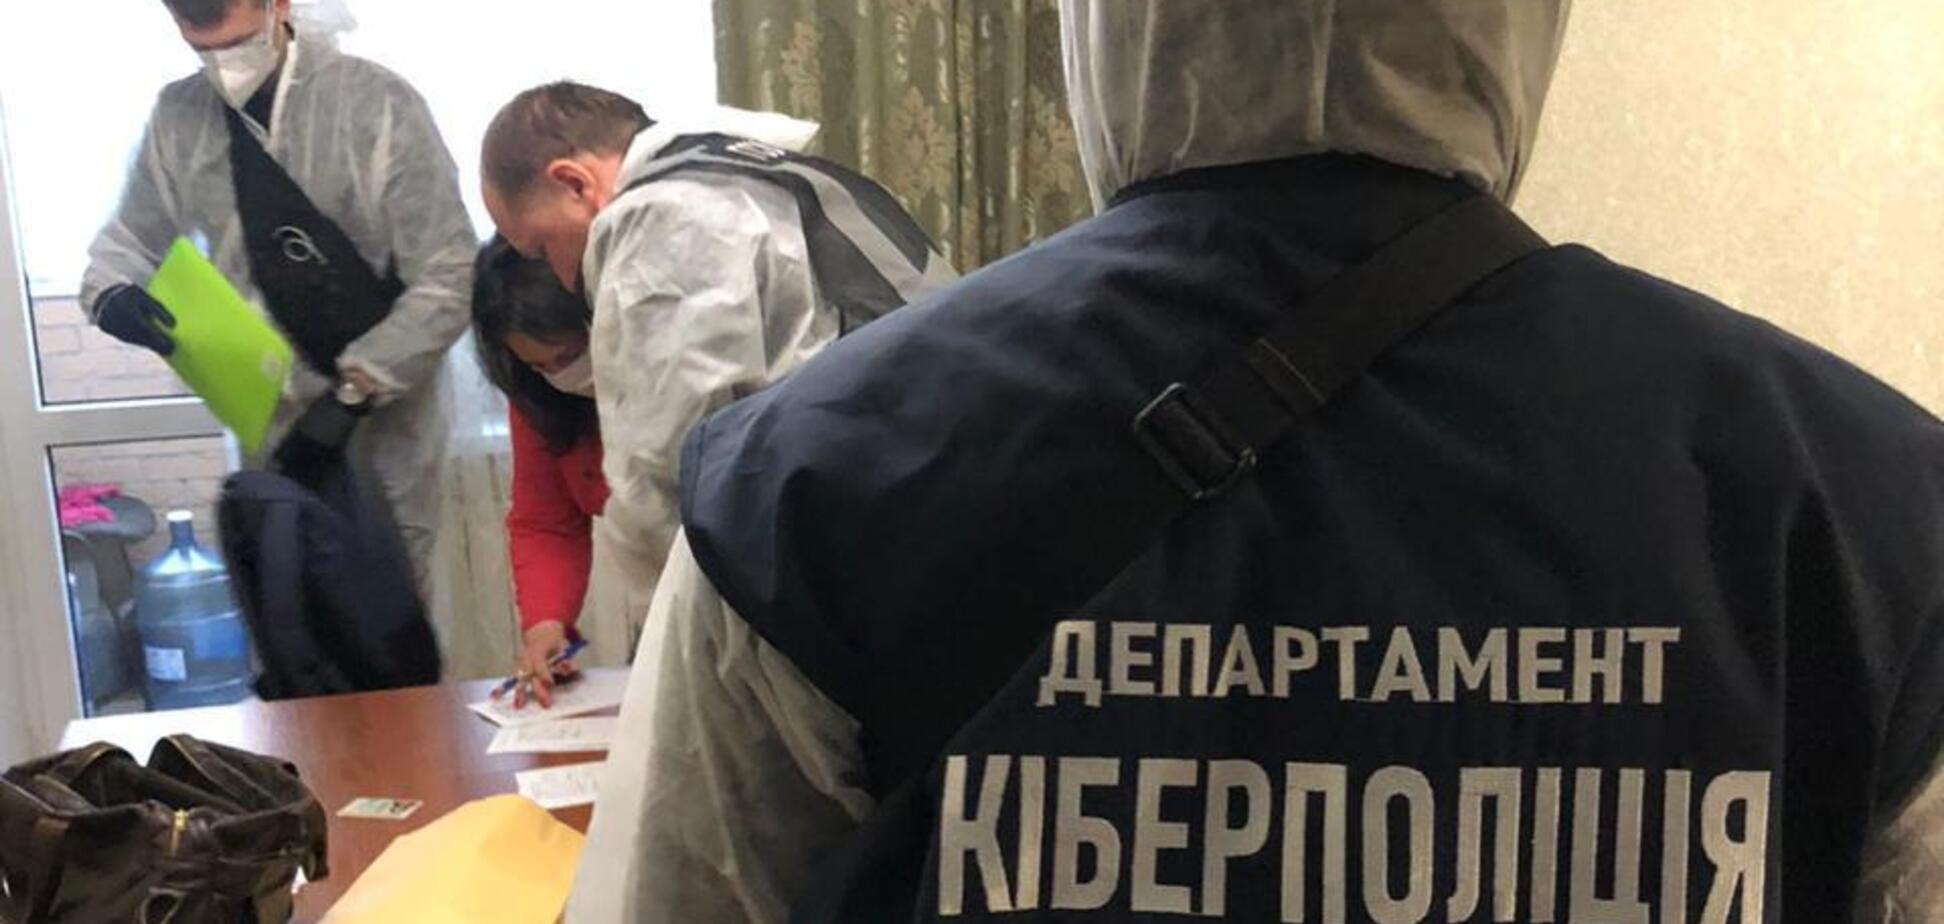 На Дніпропетровщині викрили мережу 'коронавірусних' інтернет-шахраїв. Відео